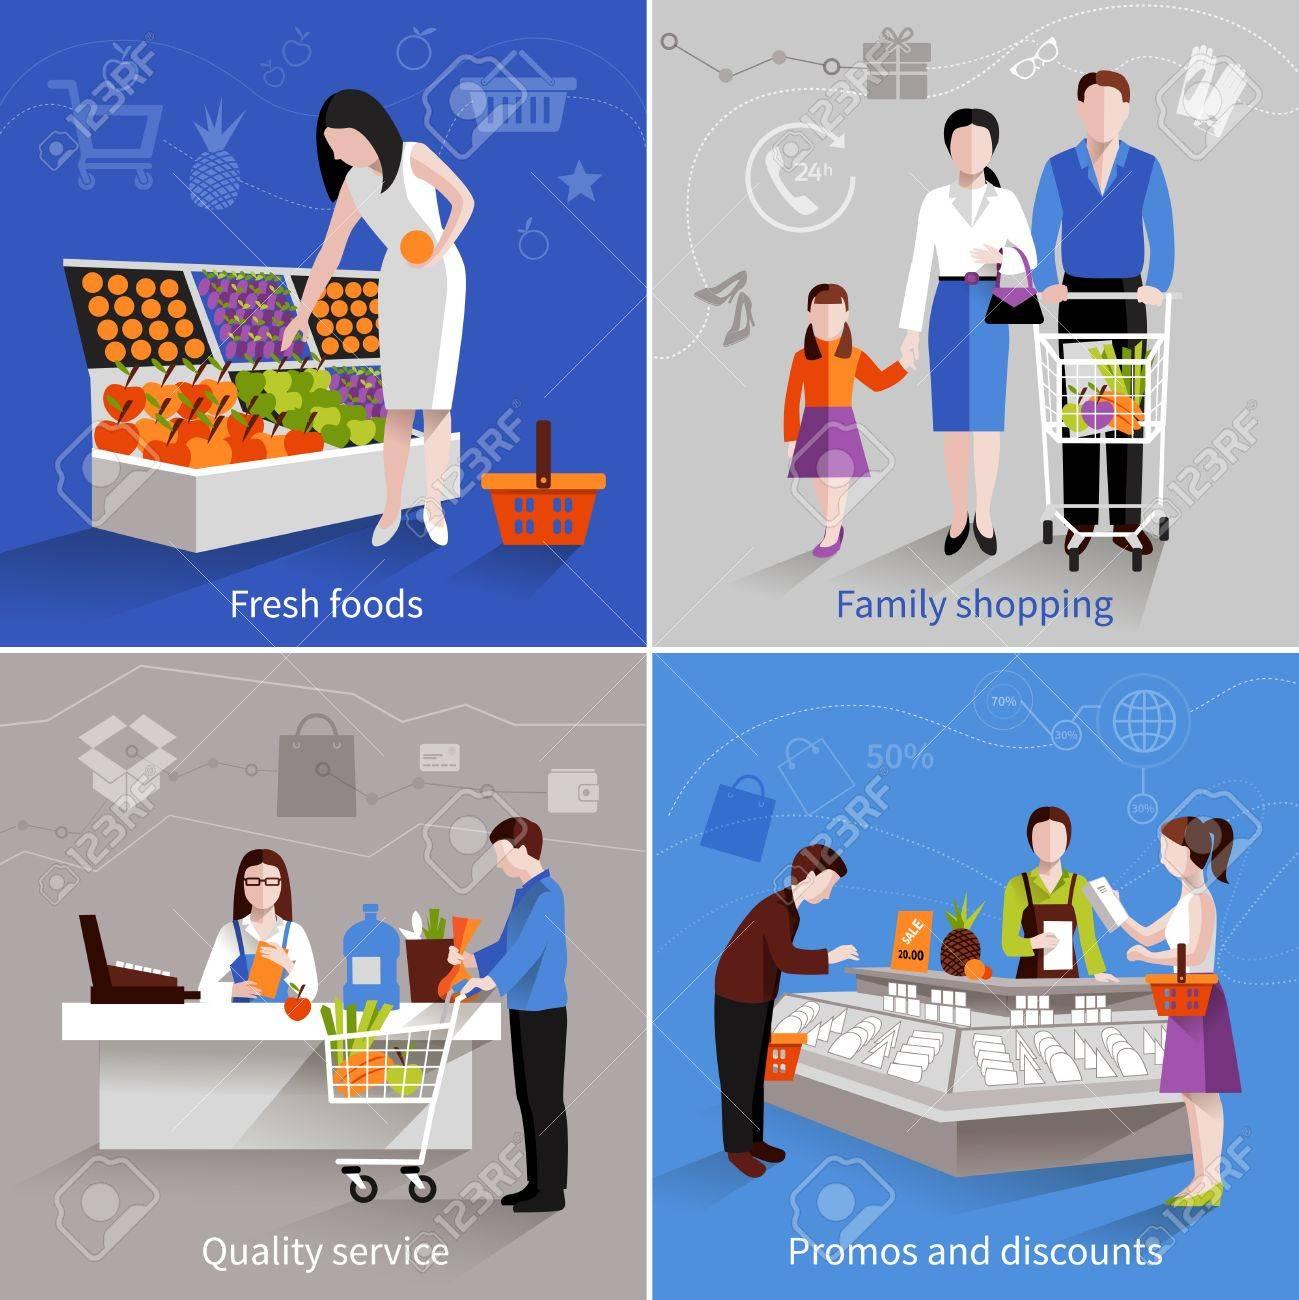 La gente en el supermercado concepto de diseño establecidos con promos de servicios de calidad comercial de frutas frescas familia y descuentos iconos planos ilustración vectorial aislado Foto de archivo - 35434452